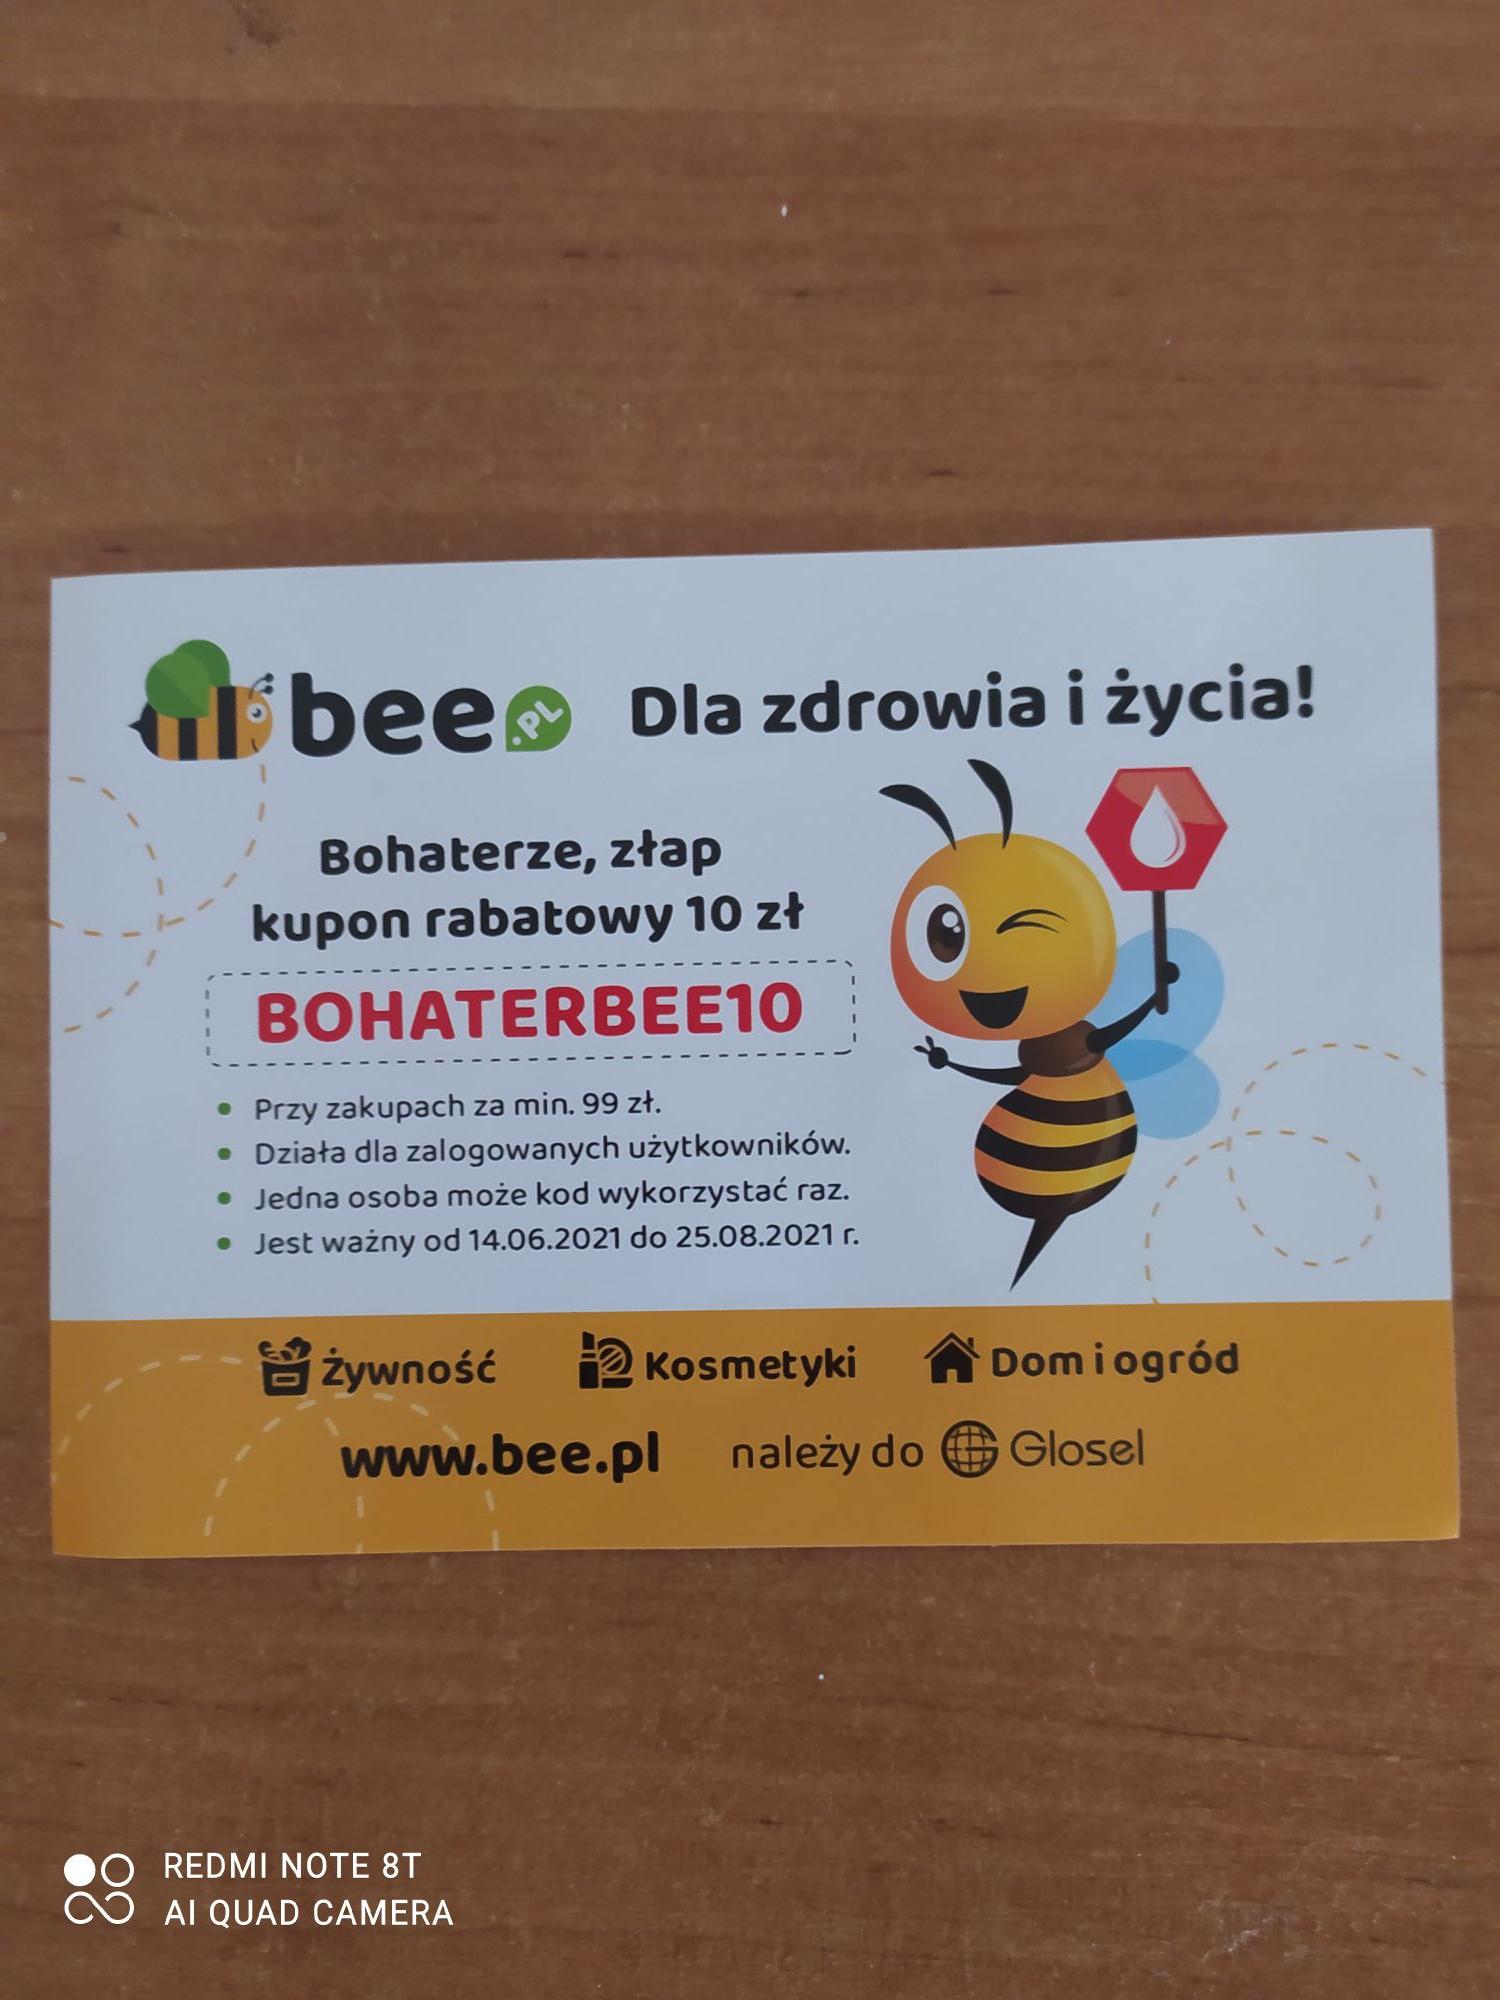 10 zł zniżki na bee.pl